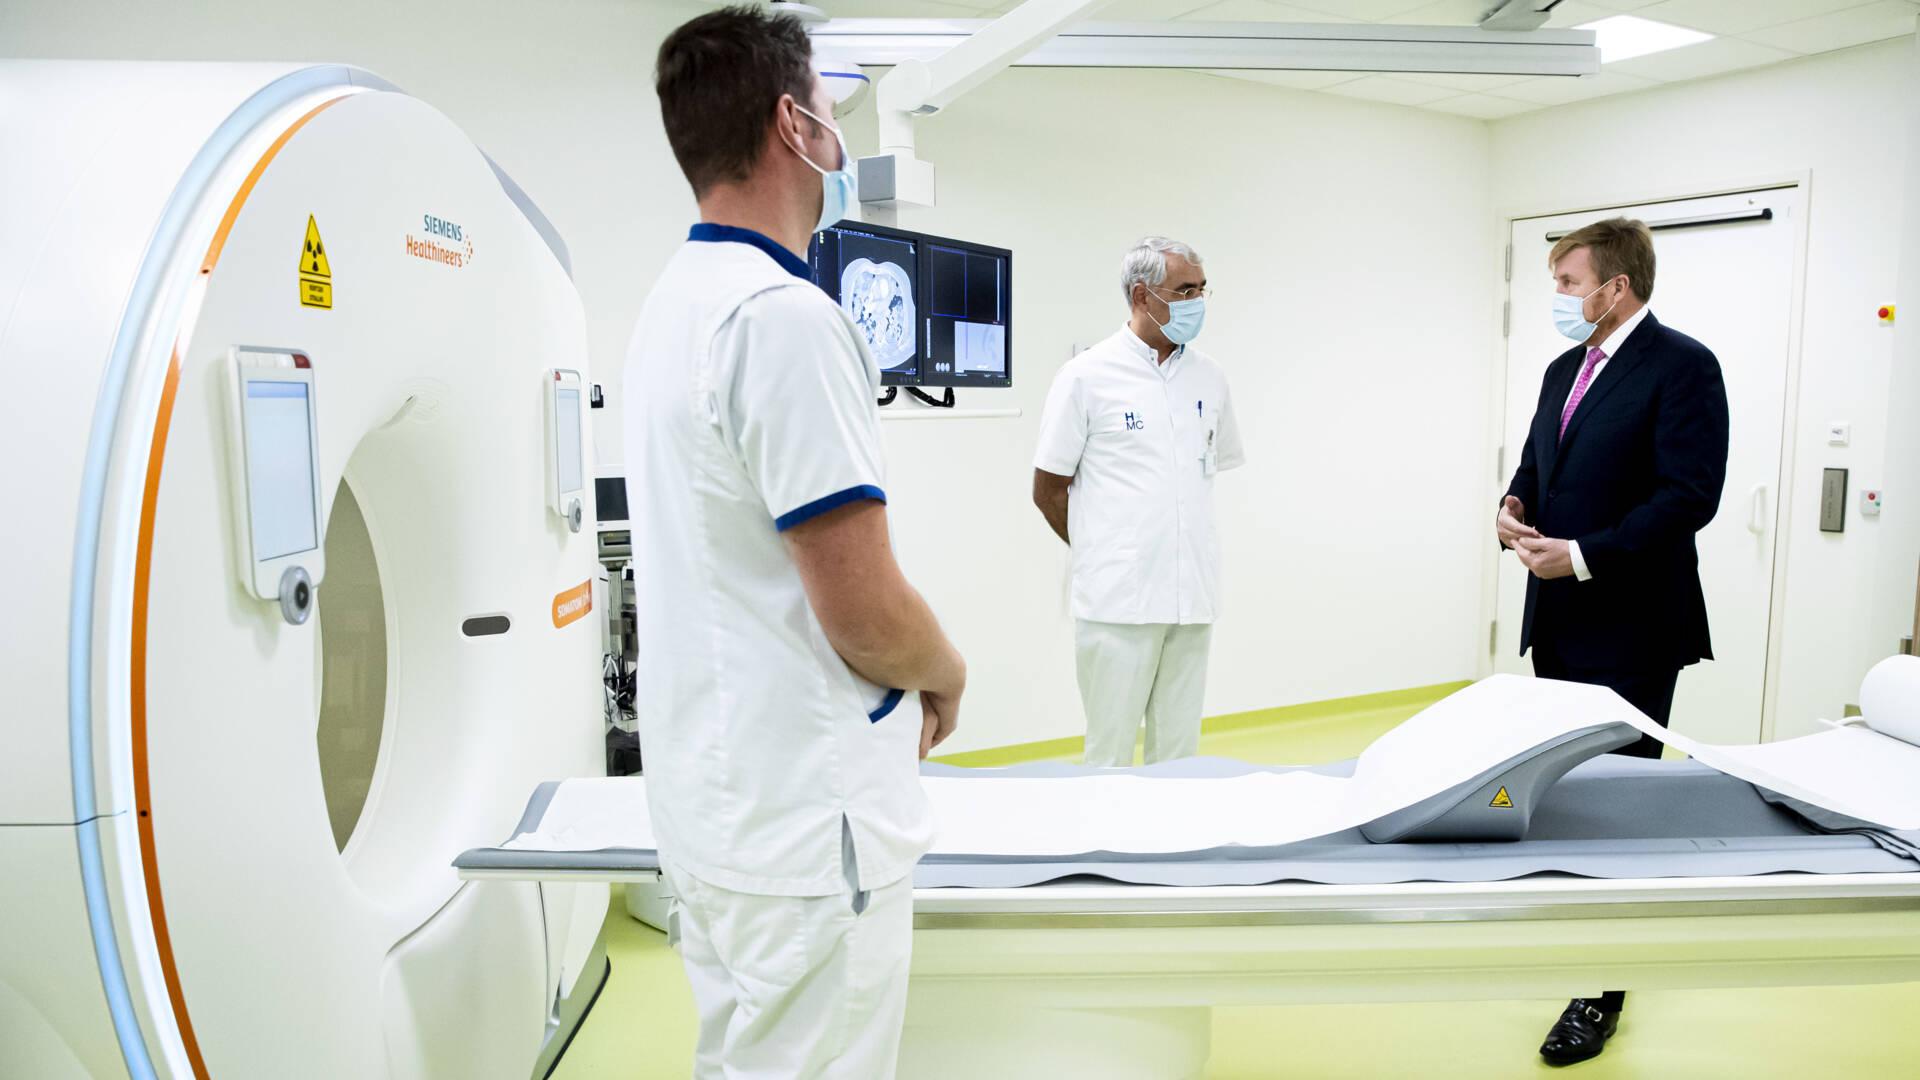 ملك هولندا يزور جناح كورونا المثقل بالأعباء في مستشفى Den Haag